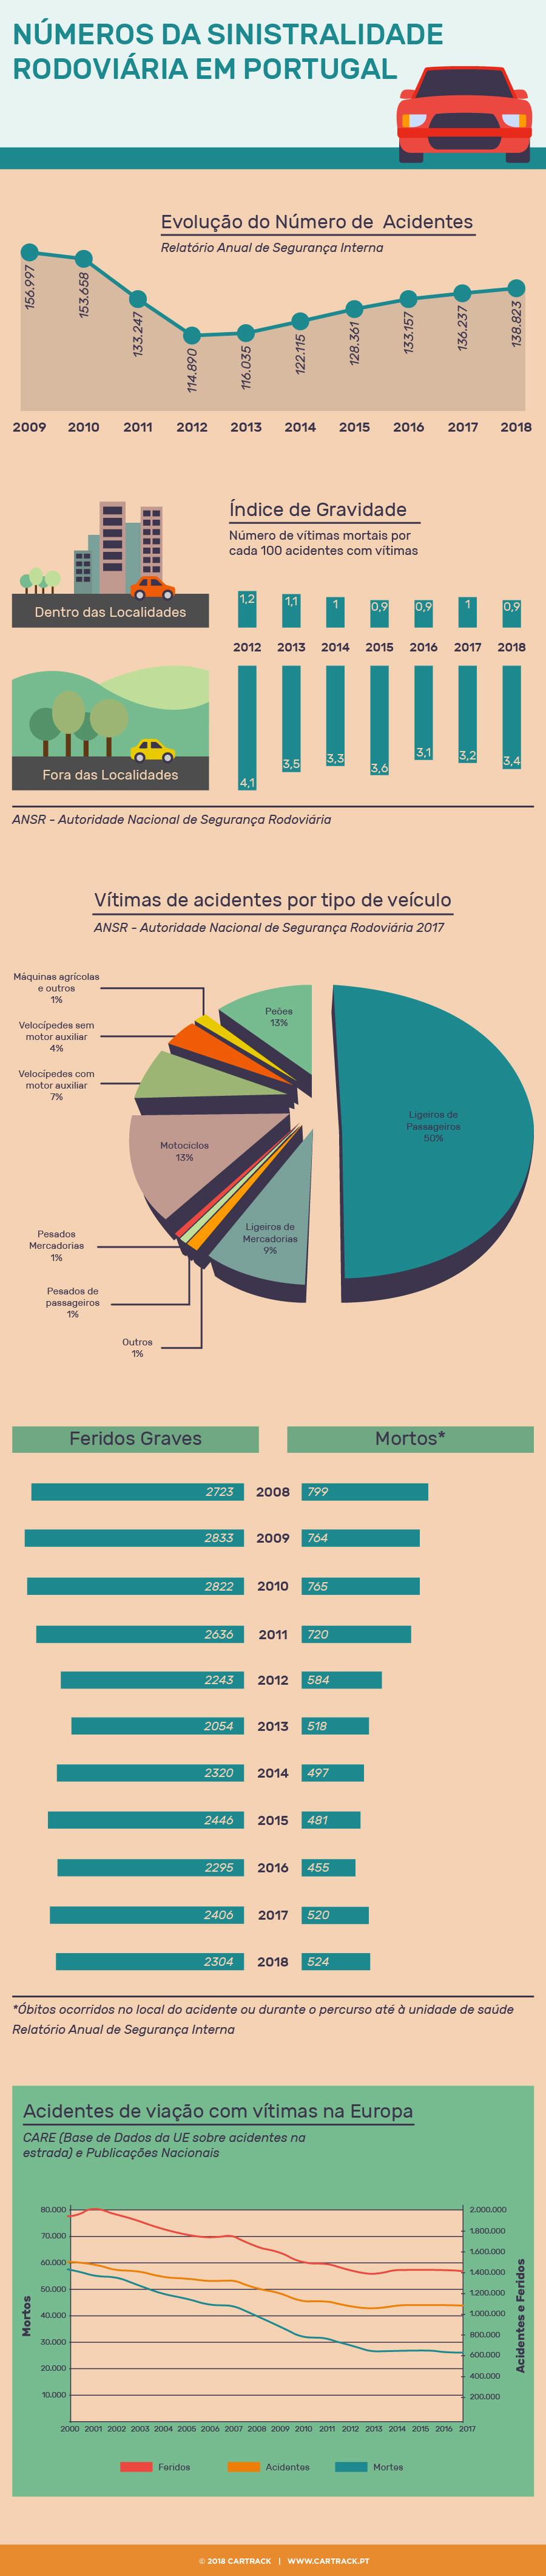 Dados dos acidentes de viação em Portugal